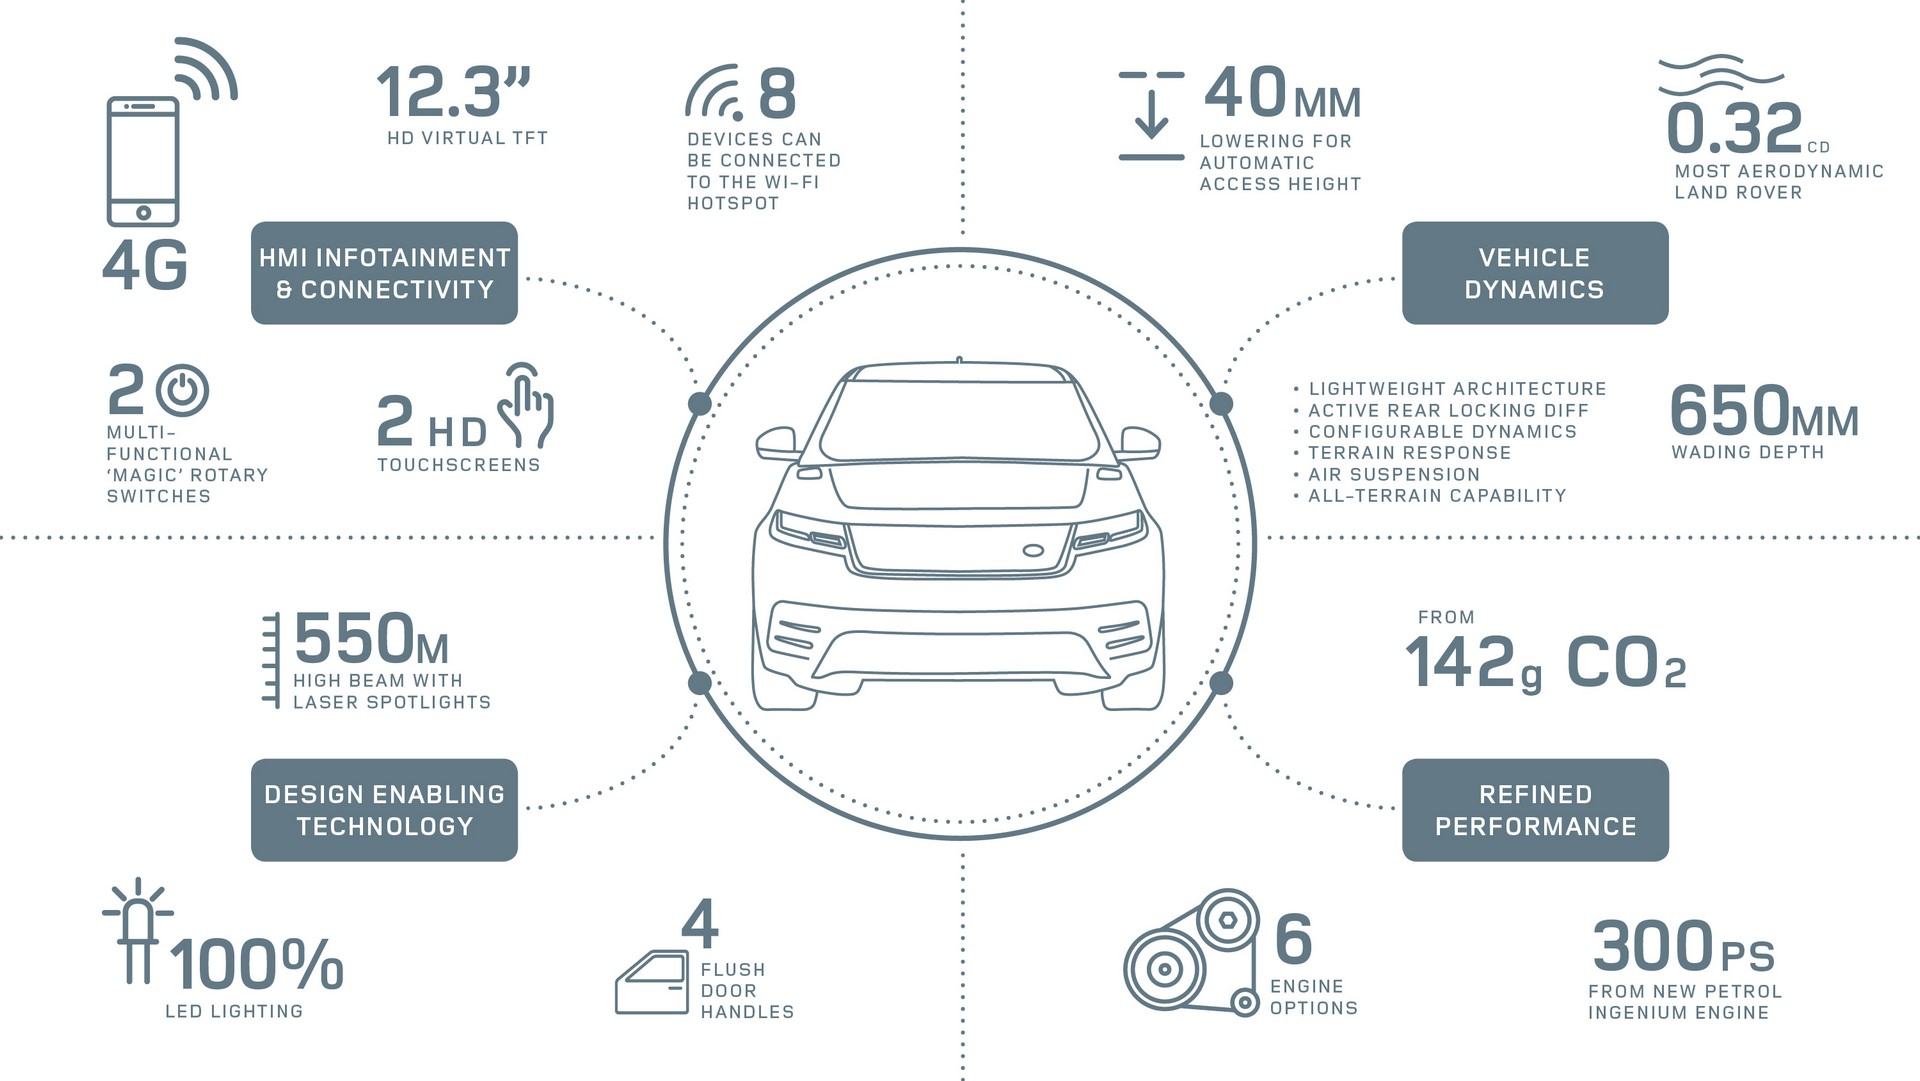 Range Rover Velar 2017 (116)